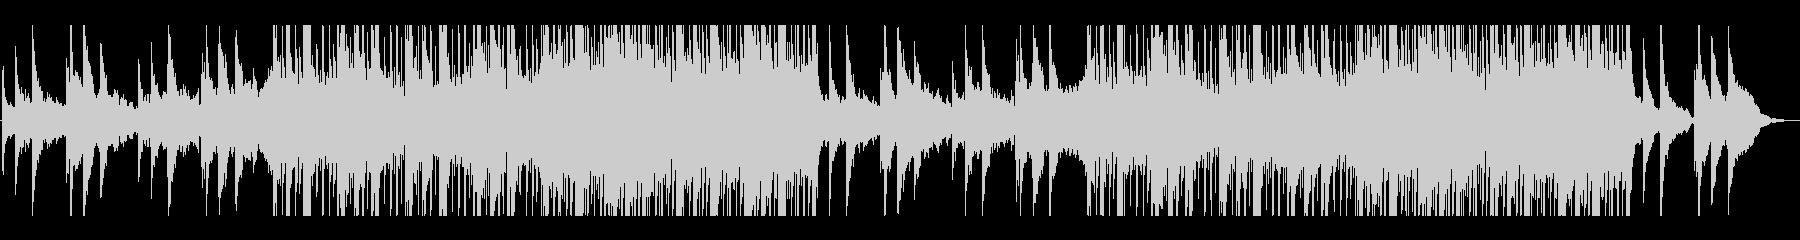 エモーショナル、ヒップホップ、ピアノの未再生の波形